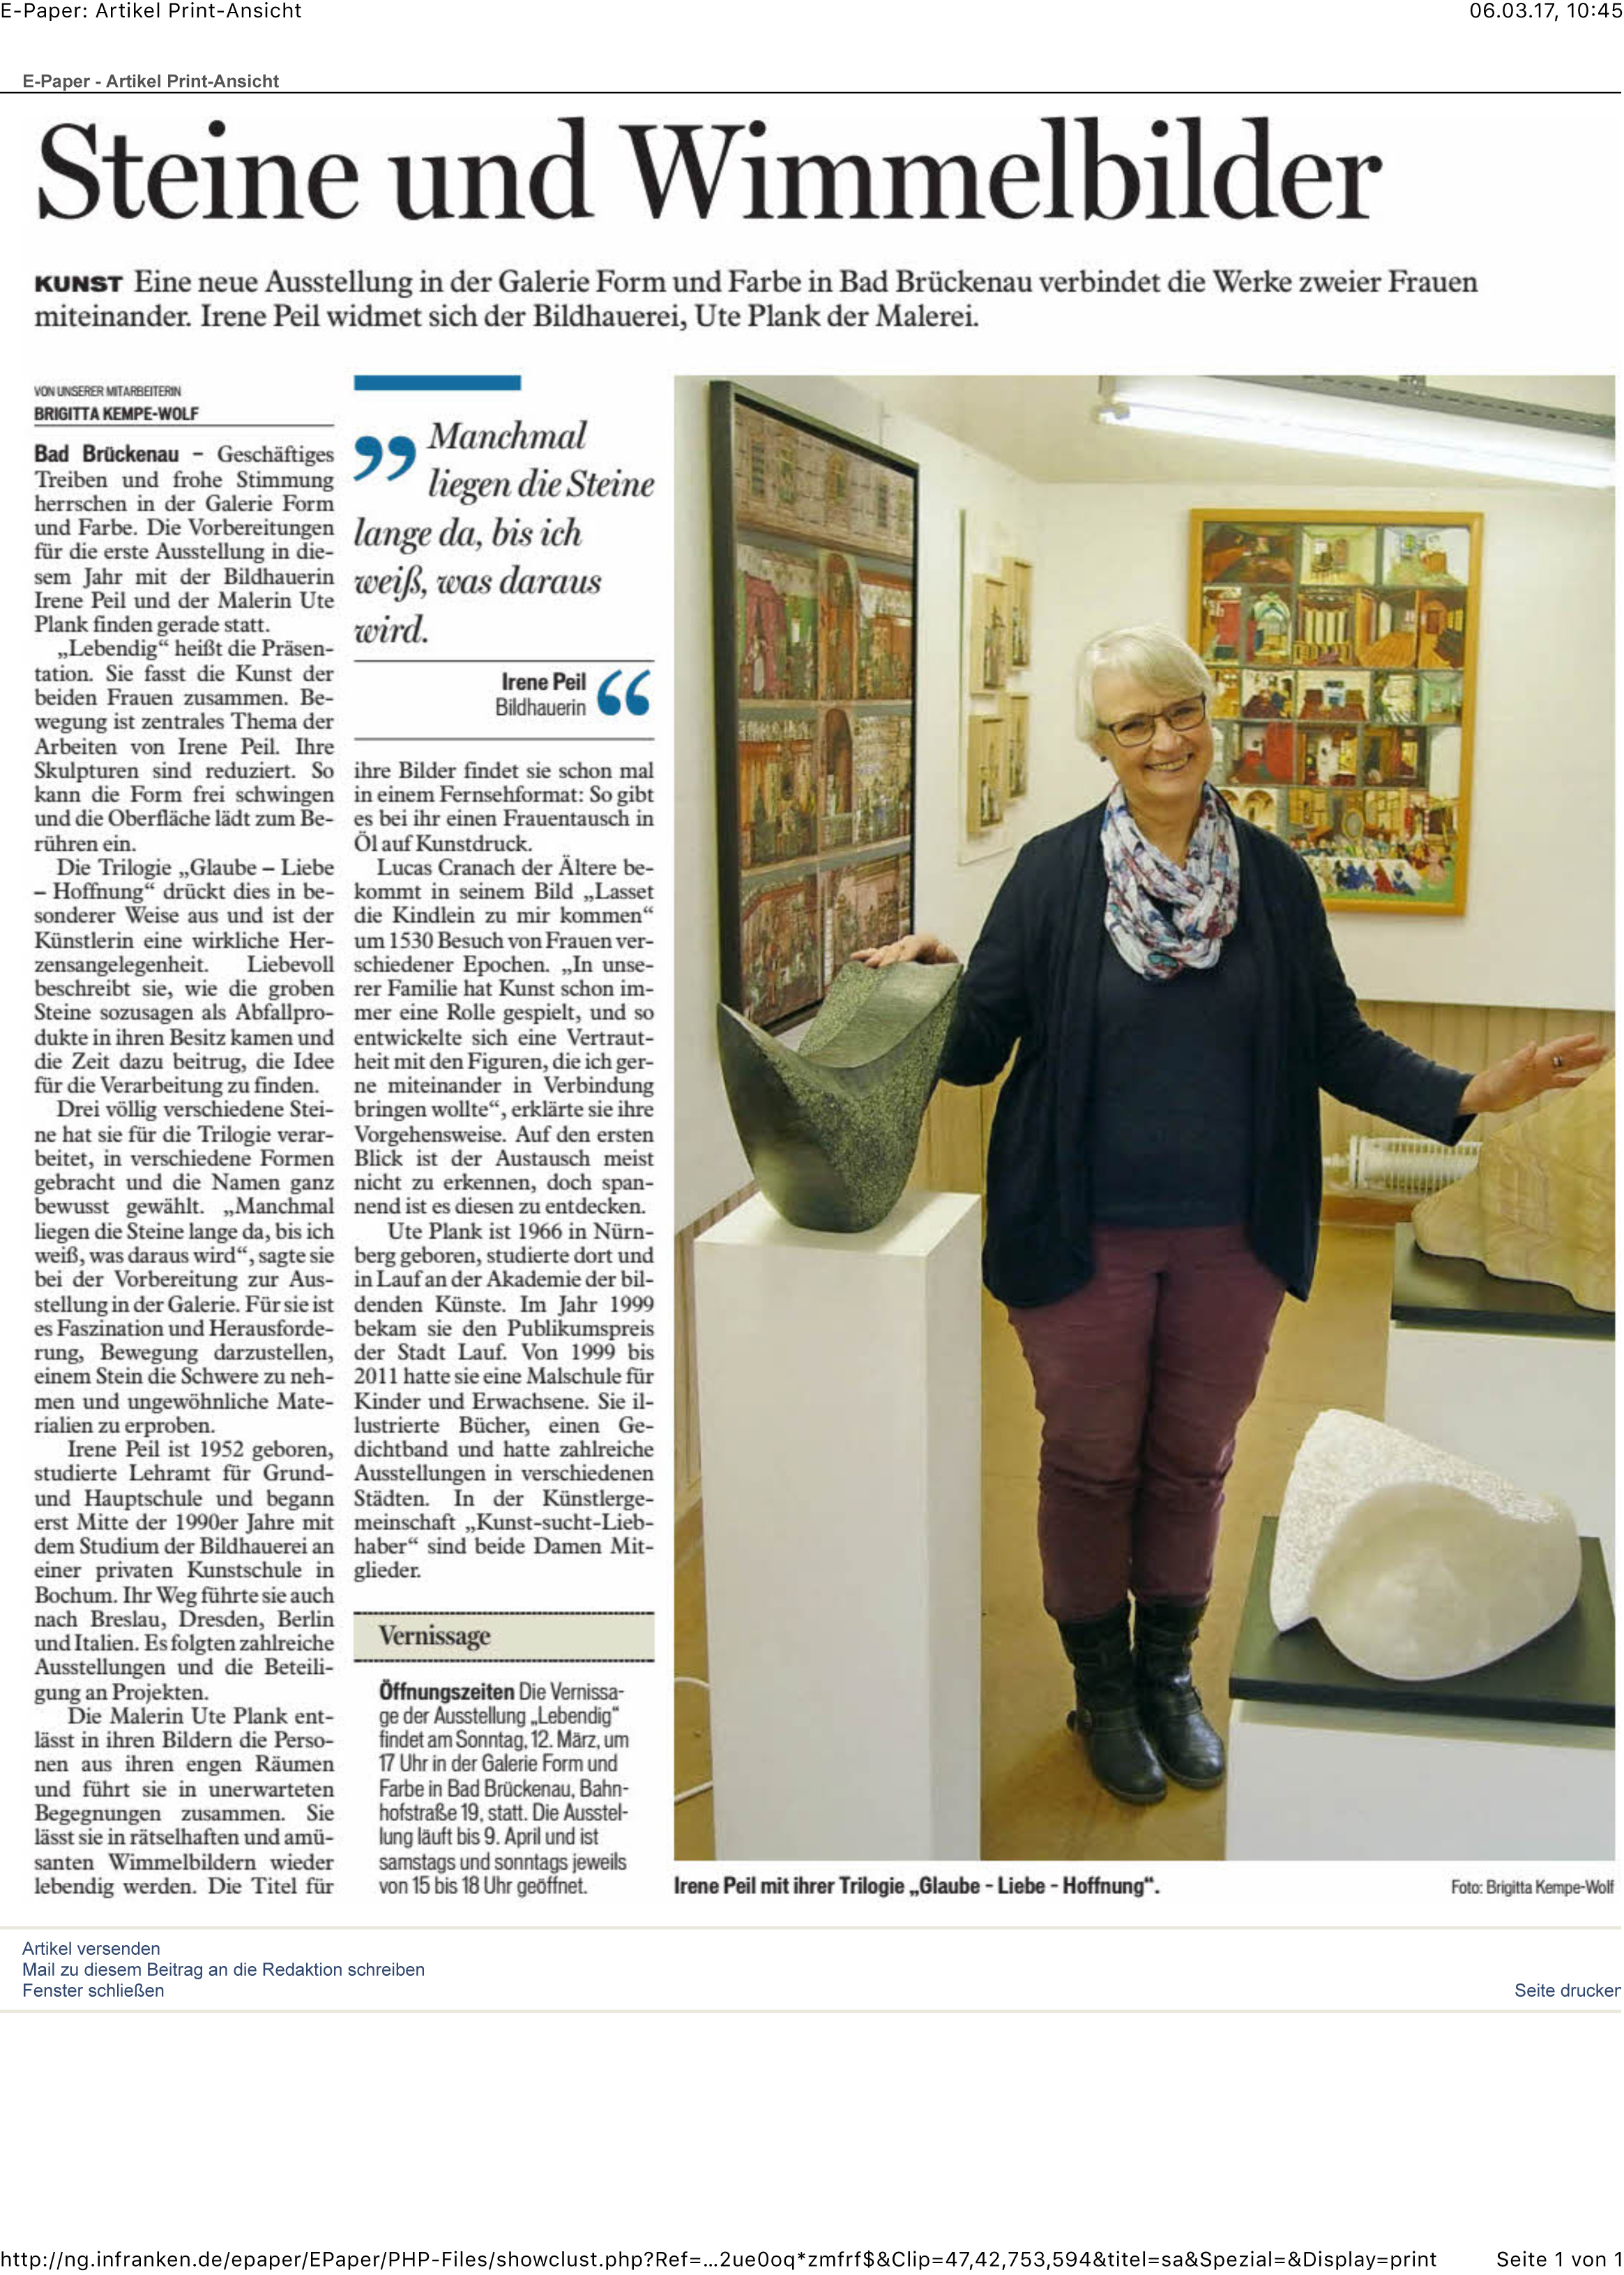 Bild und Bericht Brigitta Kempe-Wolf, Bad Brückenau, 6. März 2017